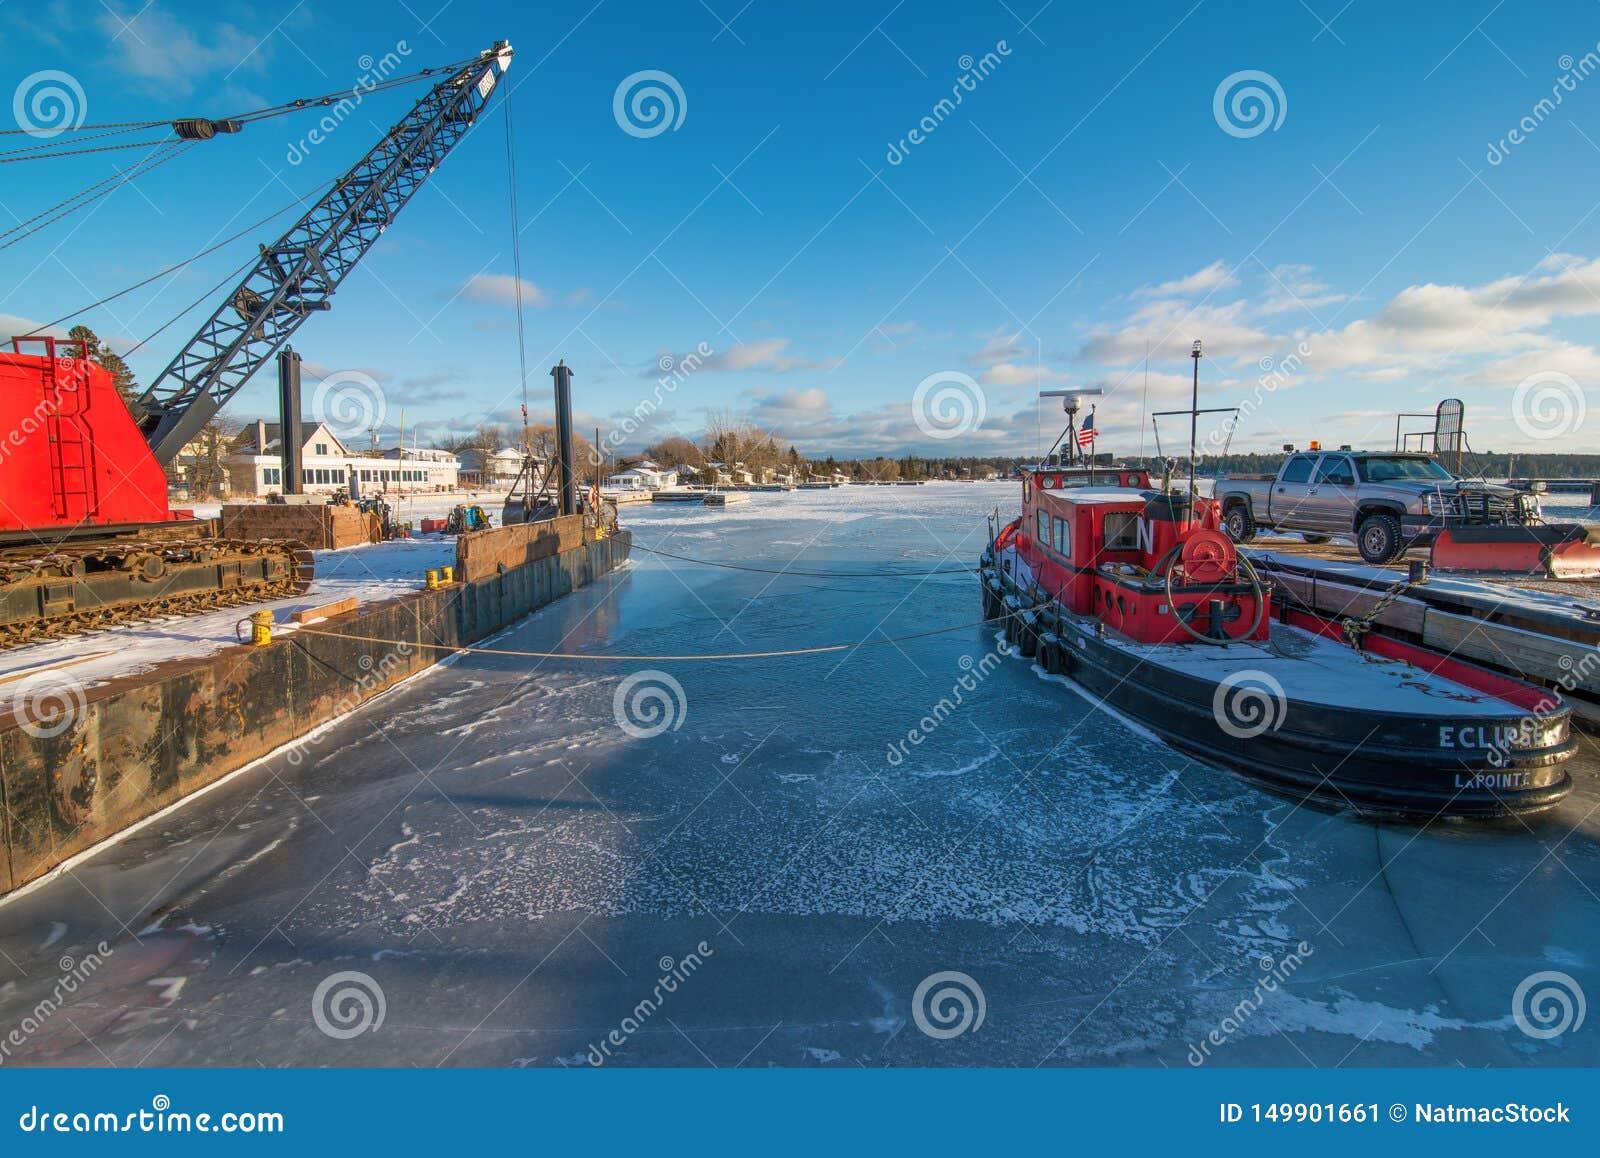 在马德琳海岛上的冷的冻冬天船坞在苏必利尔湖畔的威斯康辛北部